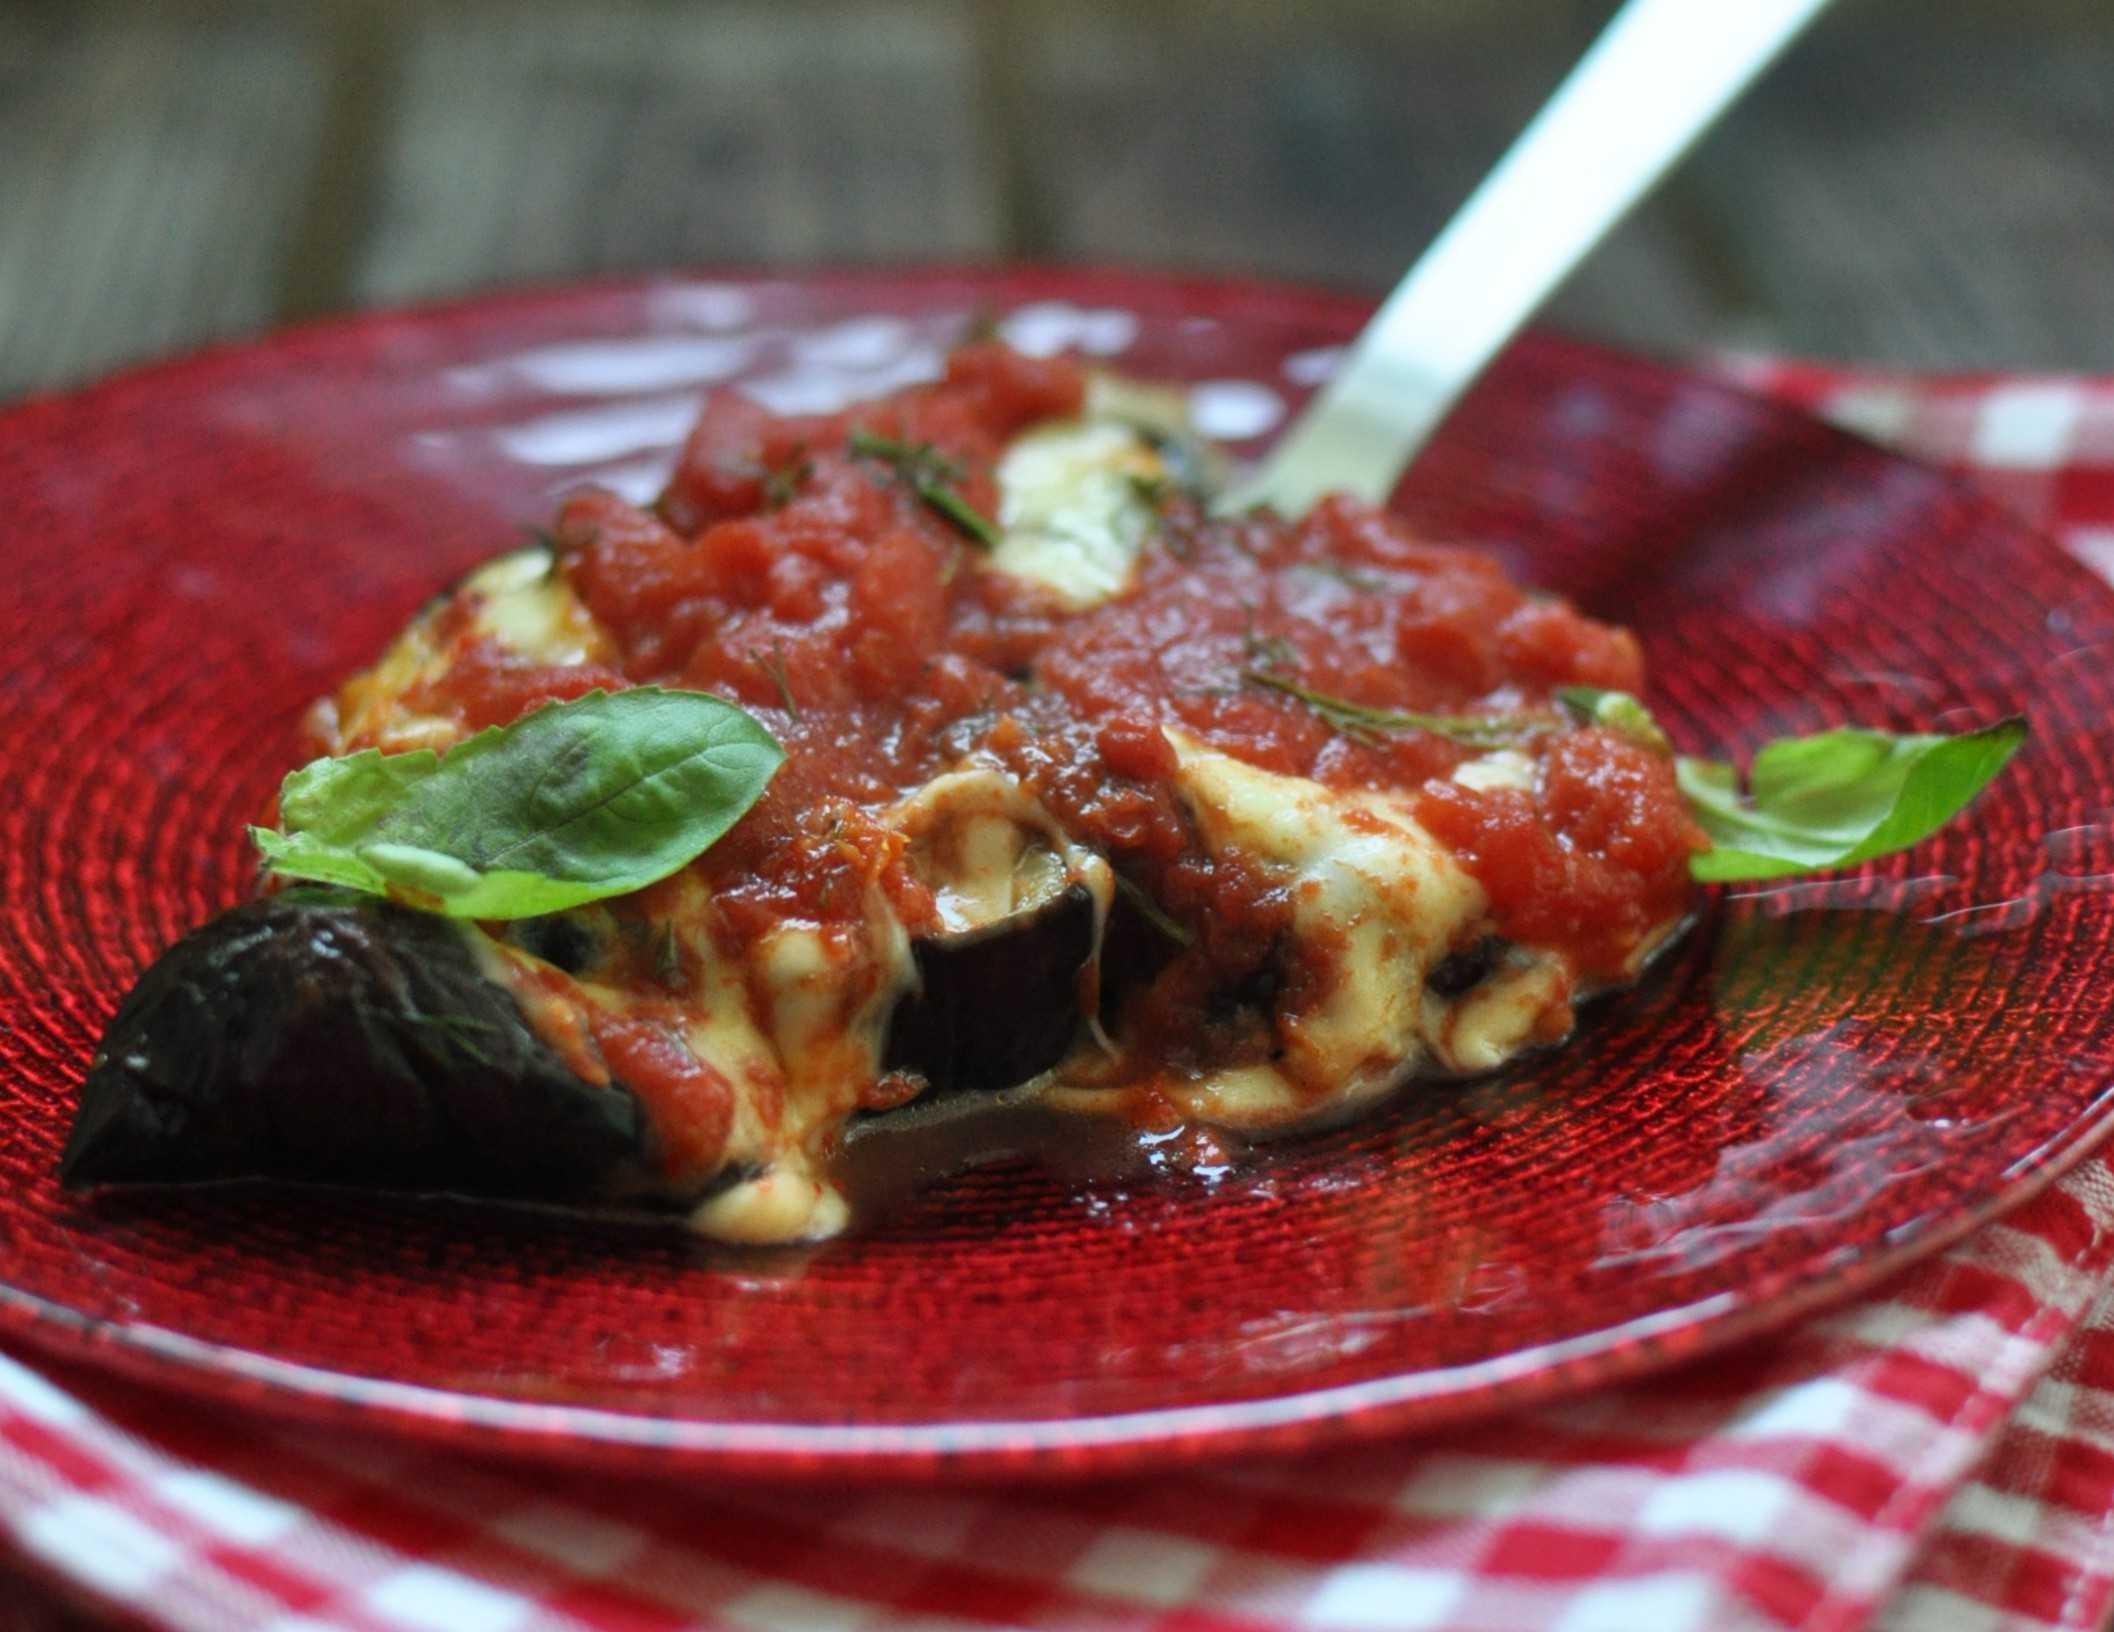 Закуска из запеченного баклажана помидора и моцареллы рецепт с фото пошагово и видео - 1000.menu